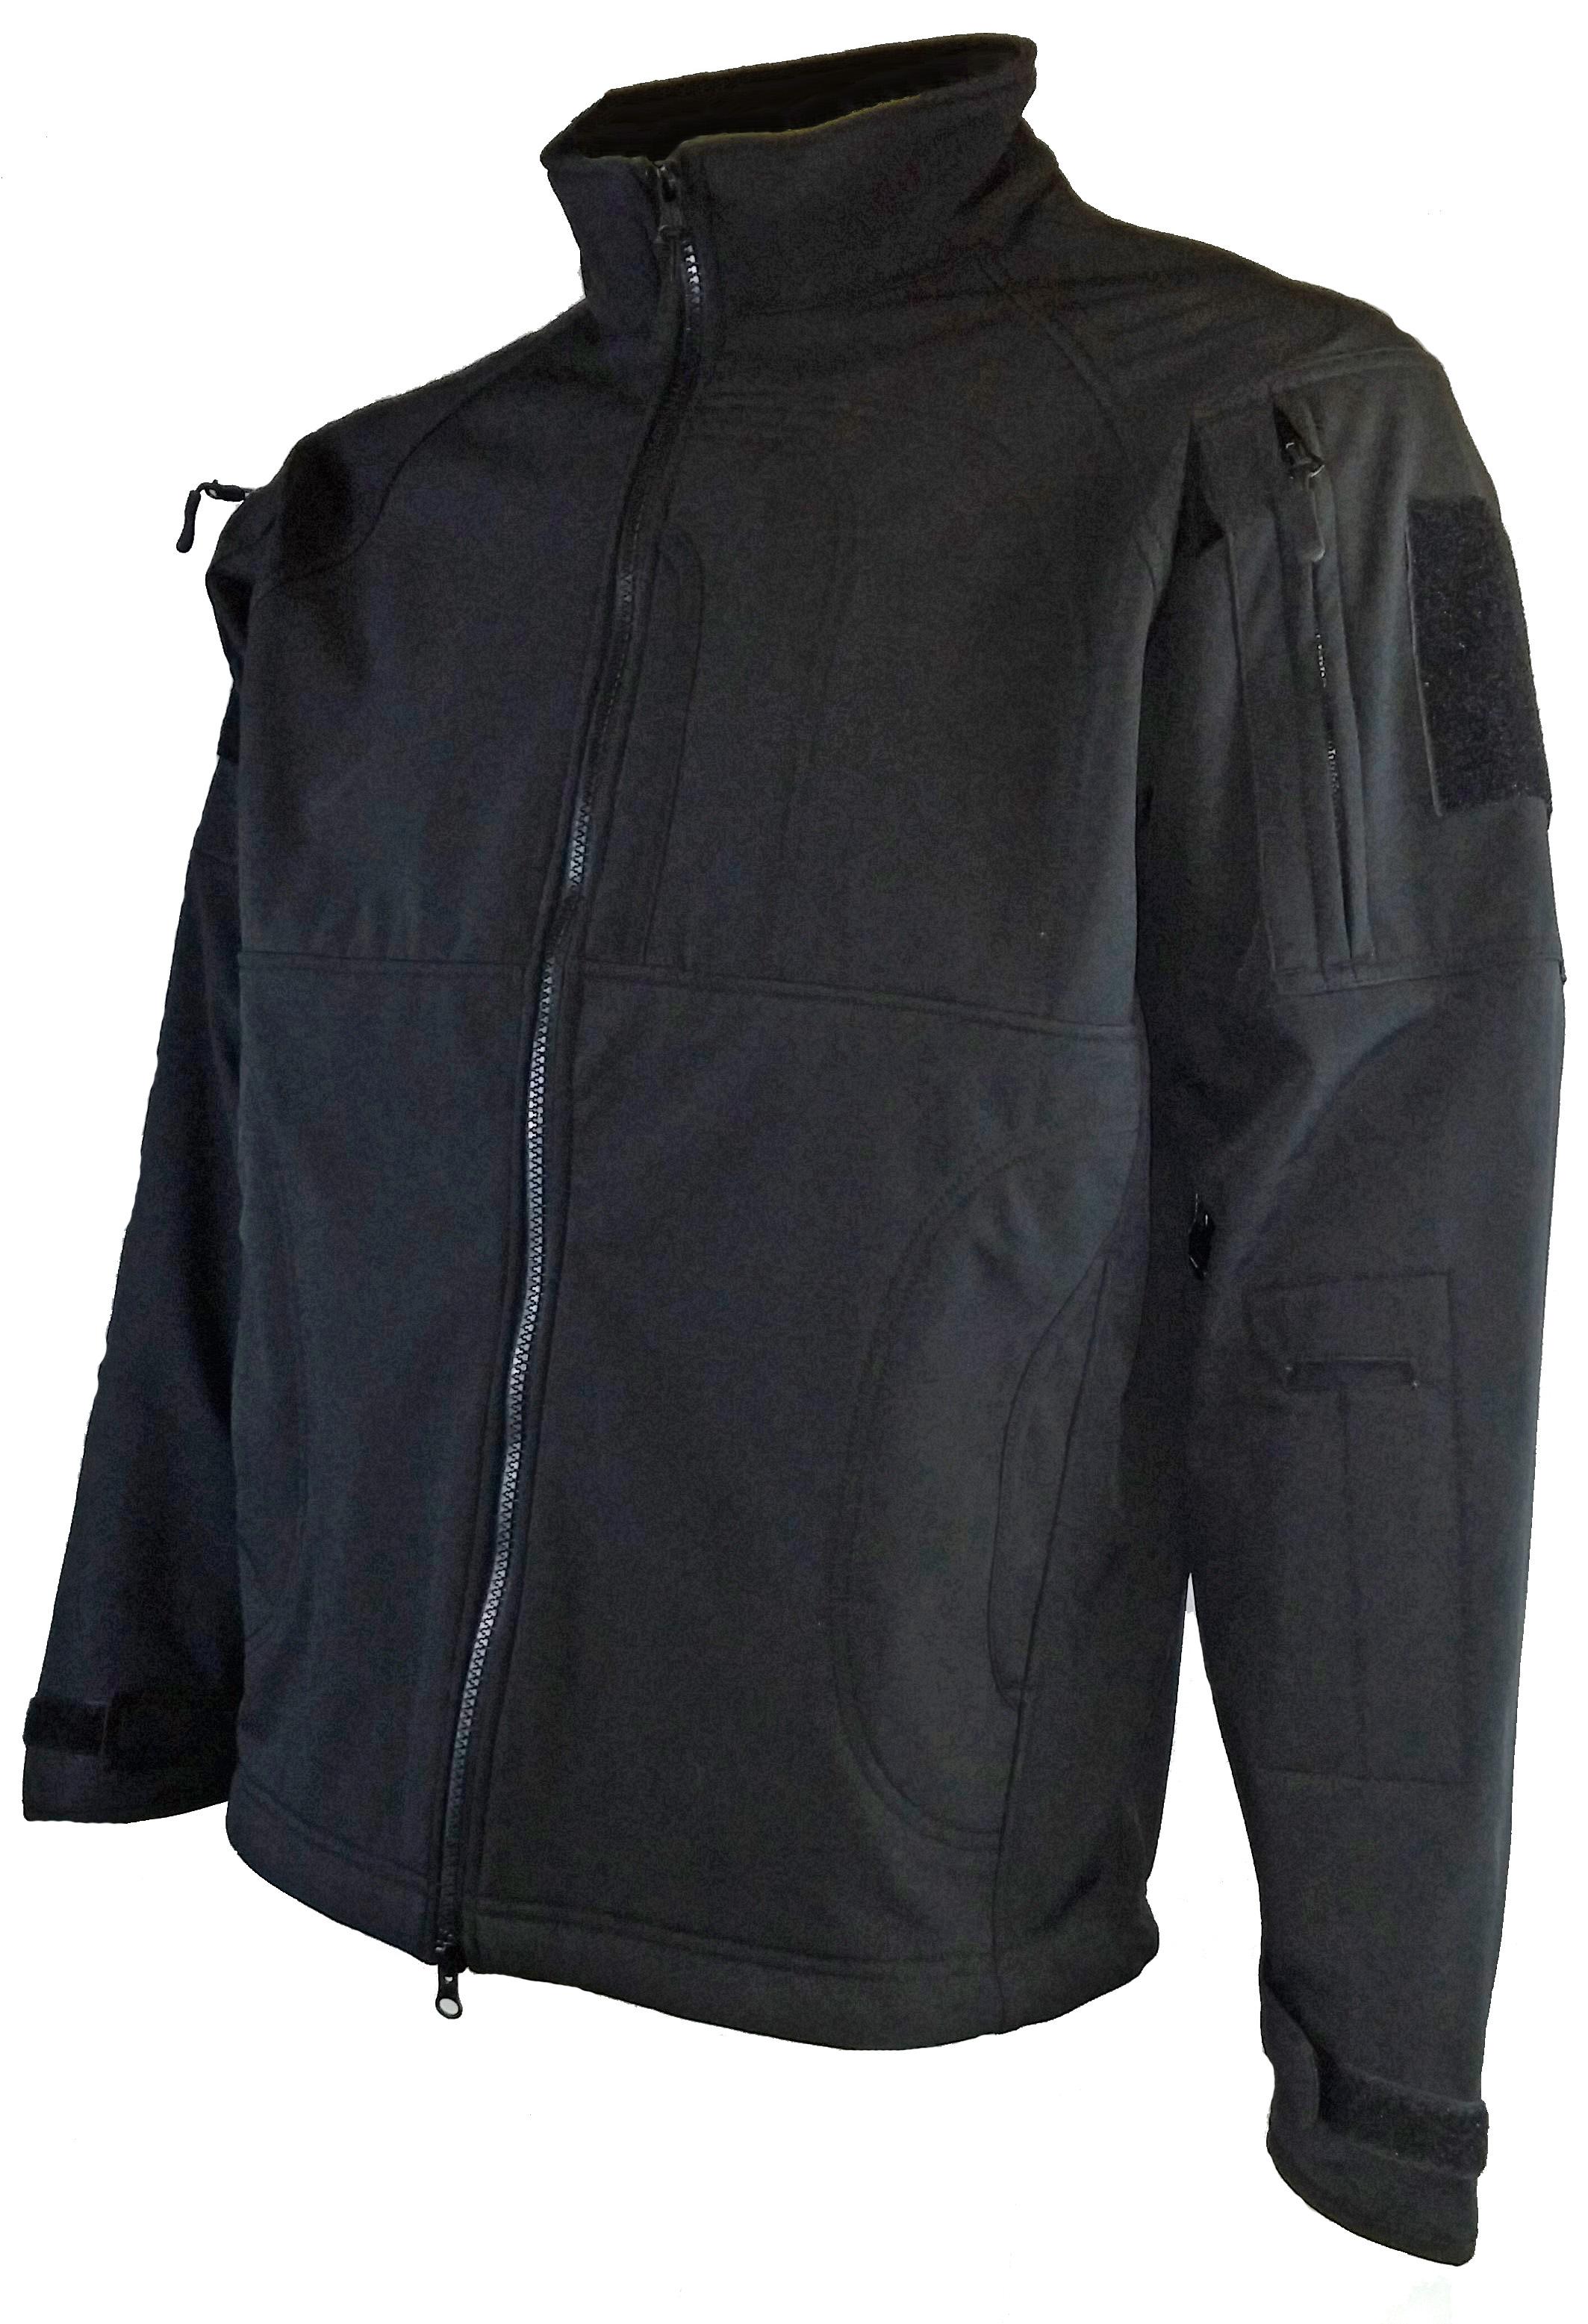 Black softshell 100% polyester